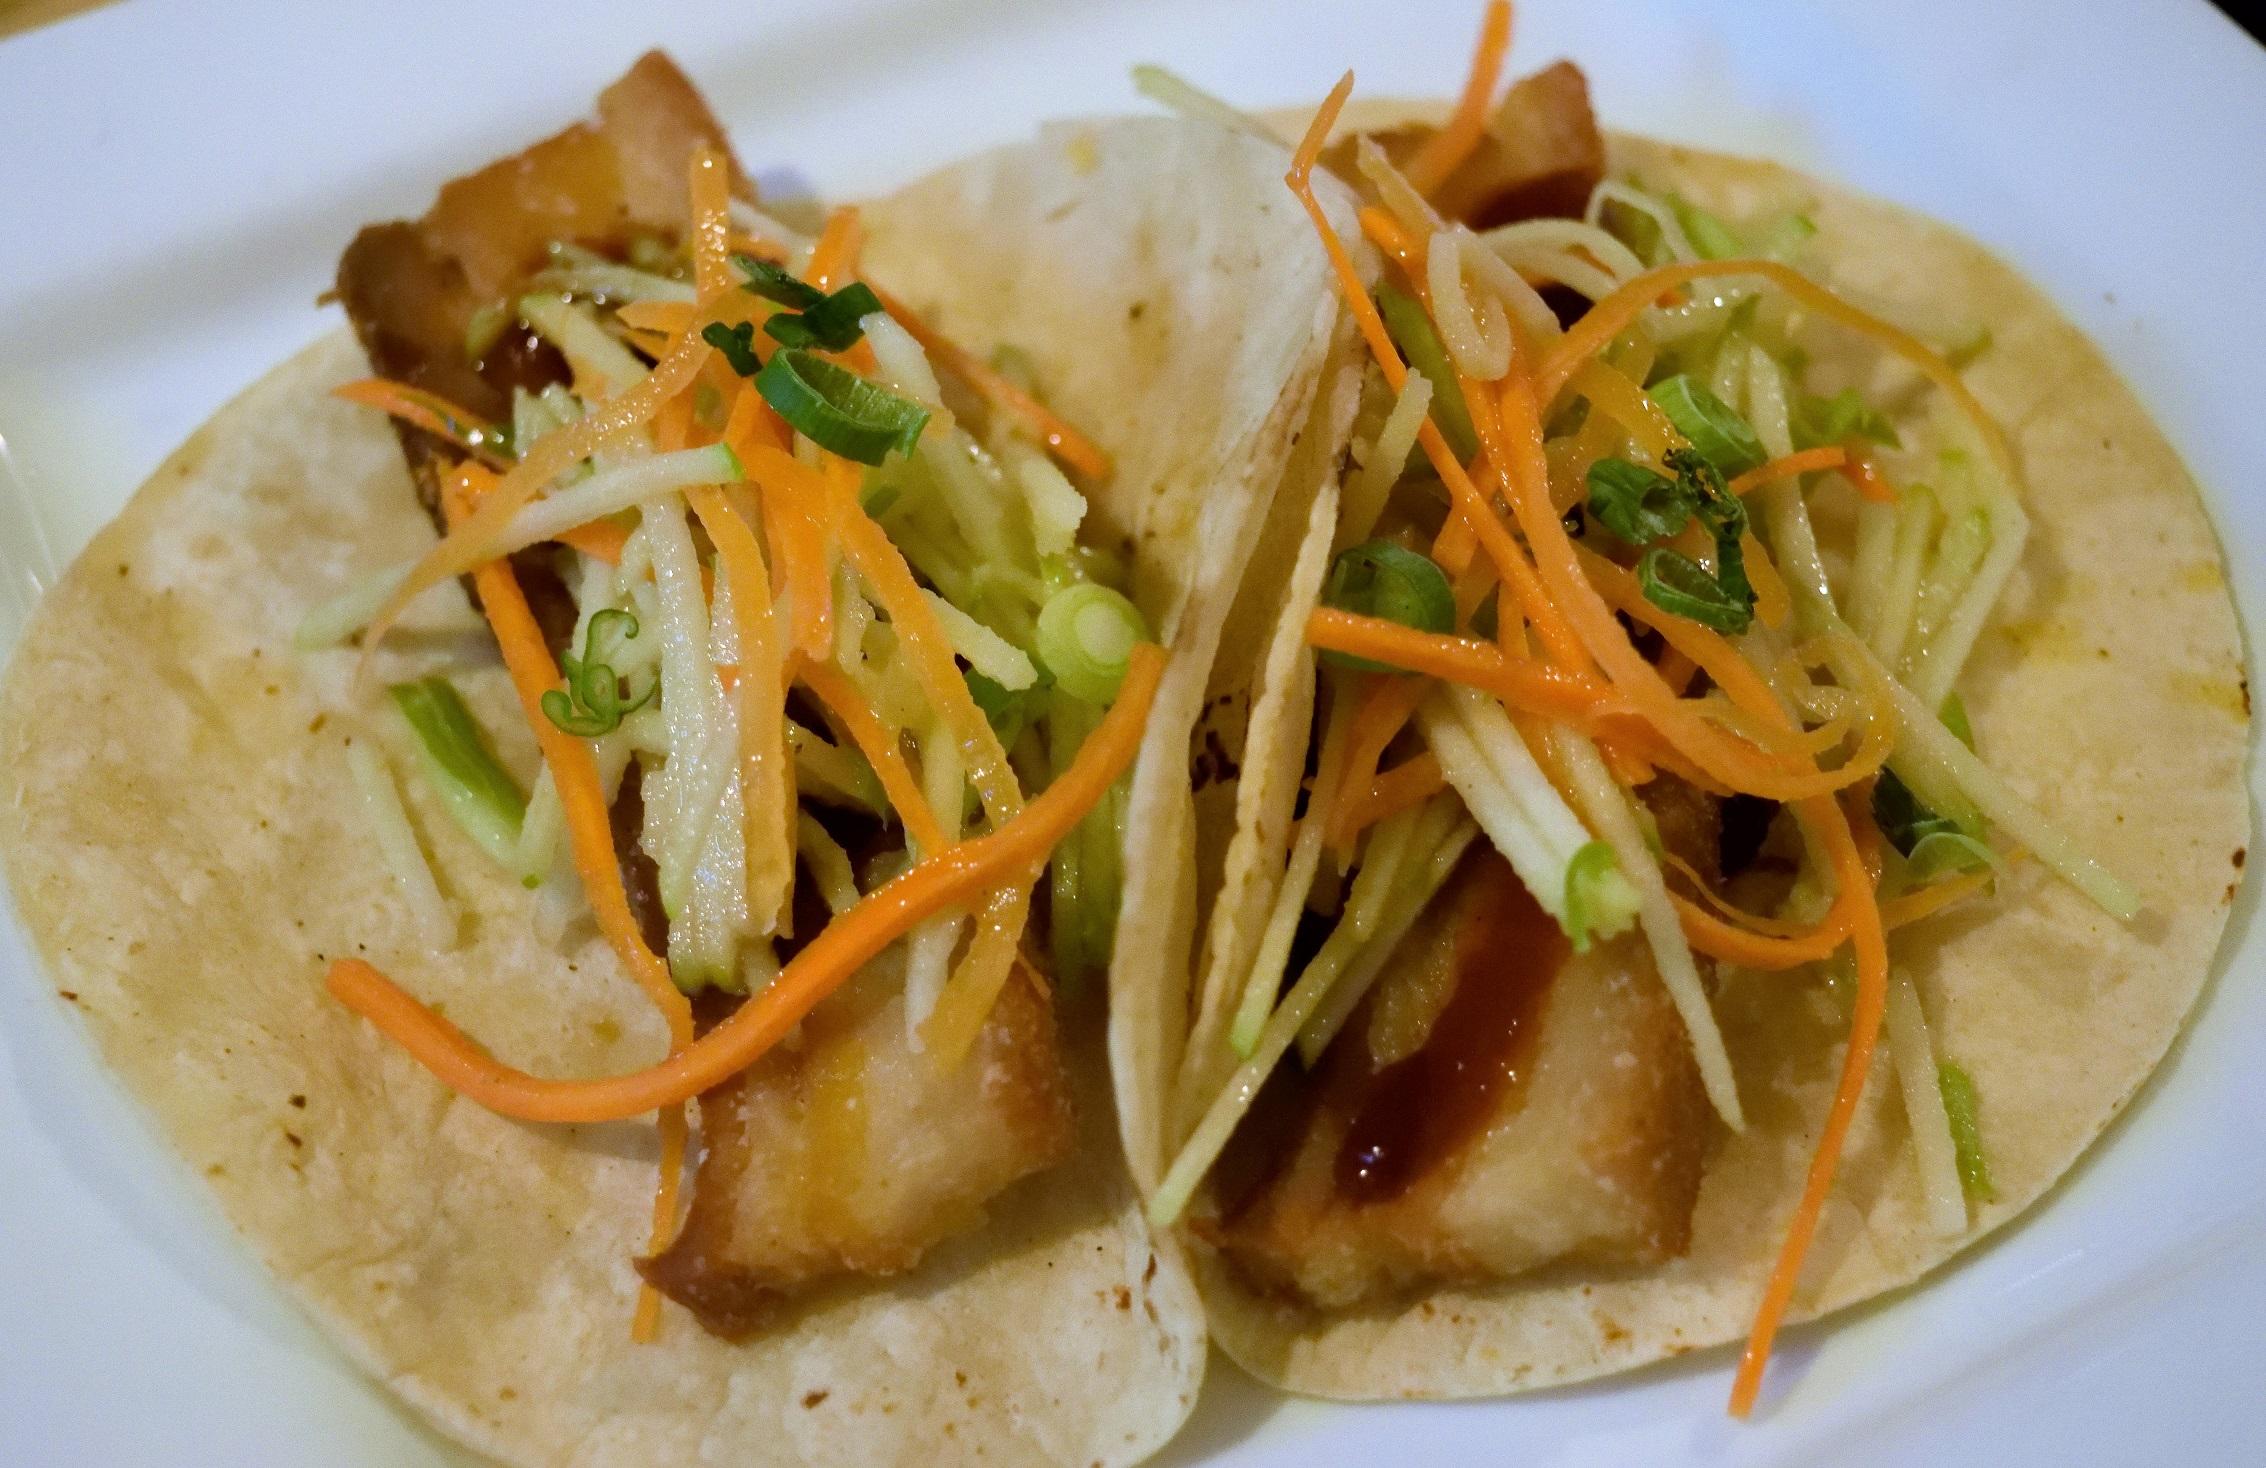 Pork belly tacos - delicious.